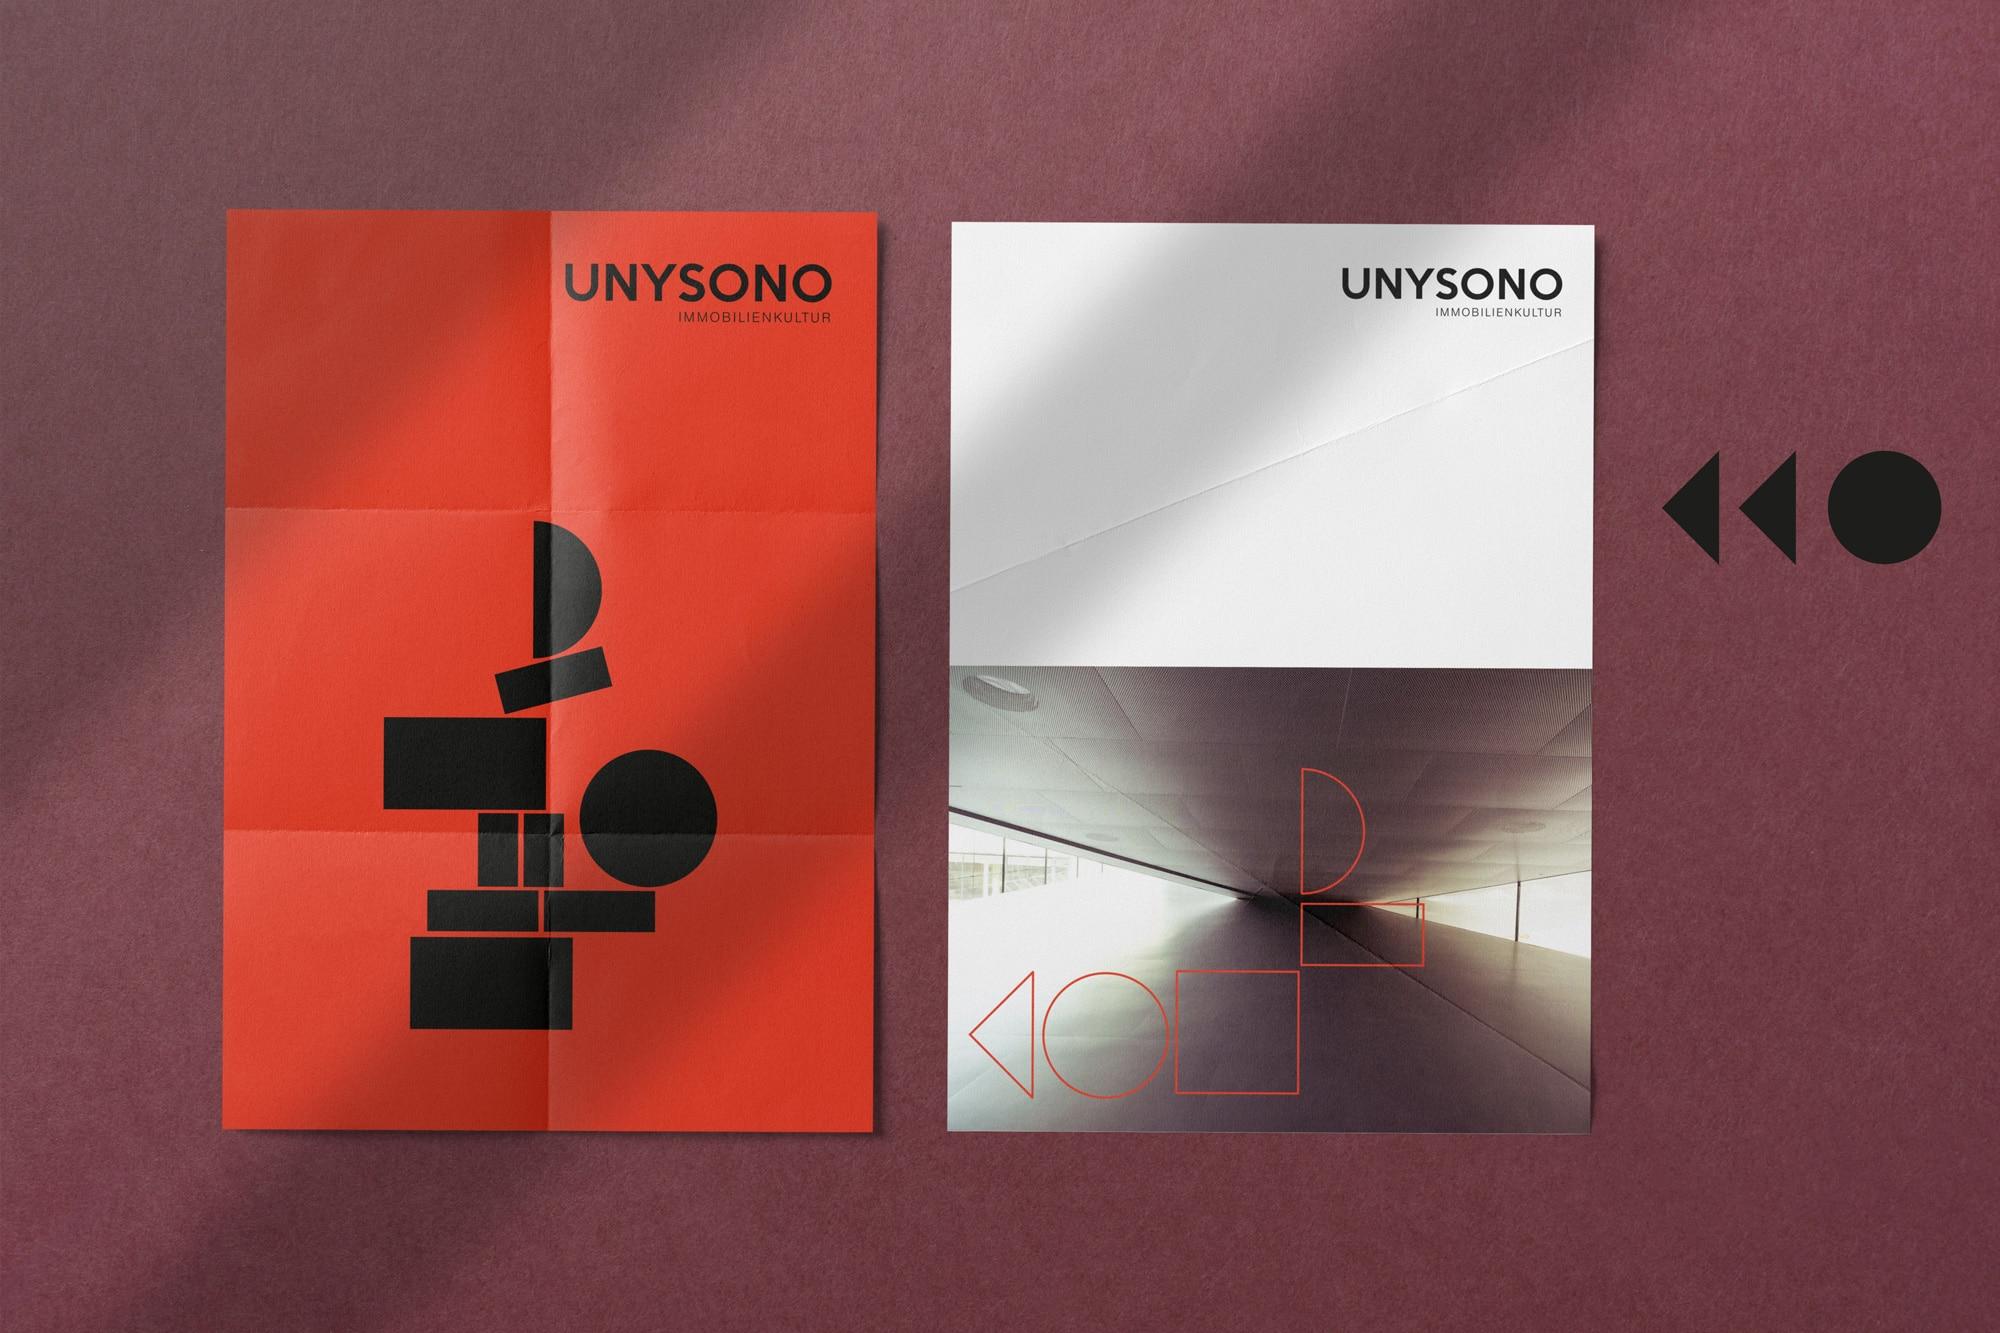 planx-CoprorateDesign-UNYSONO-01b